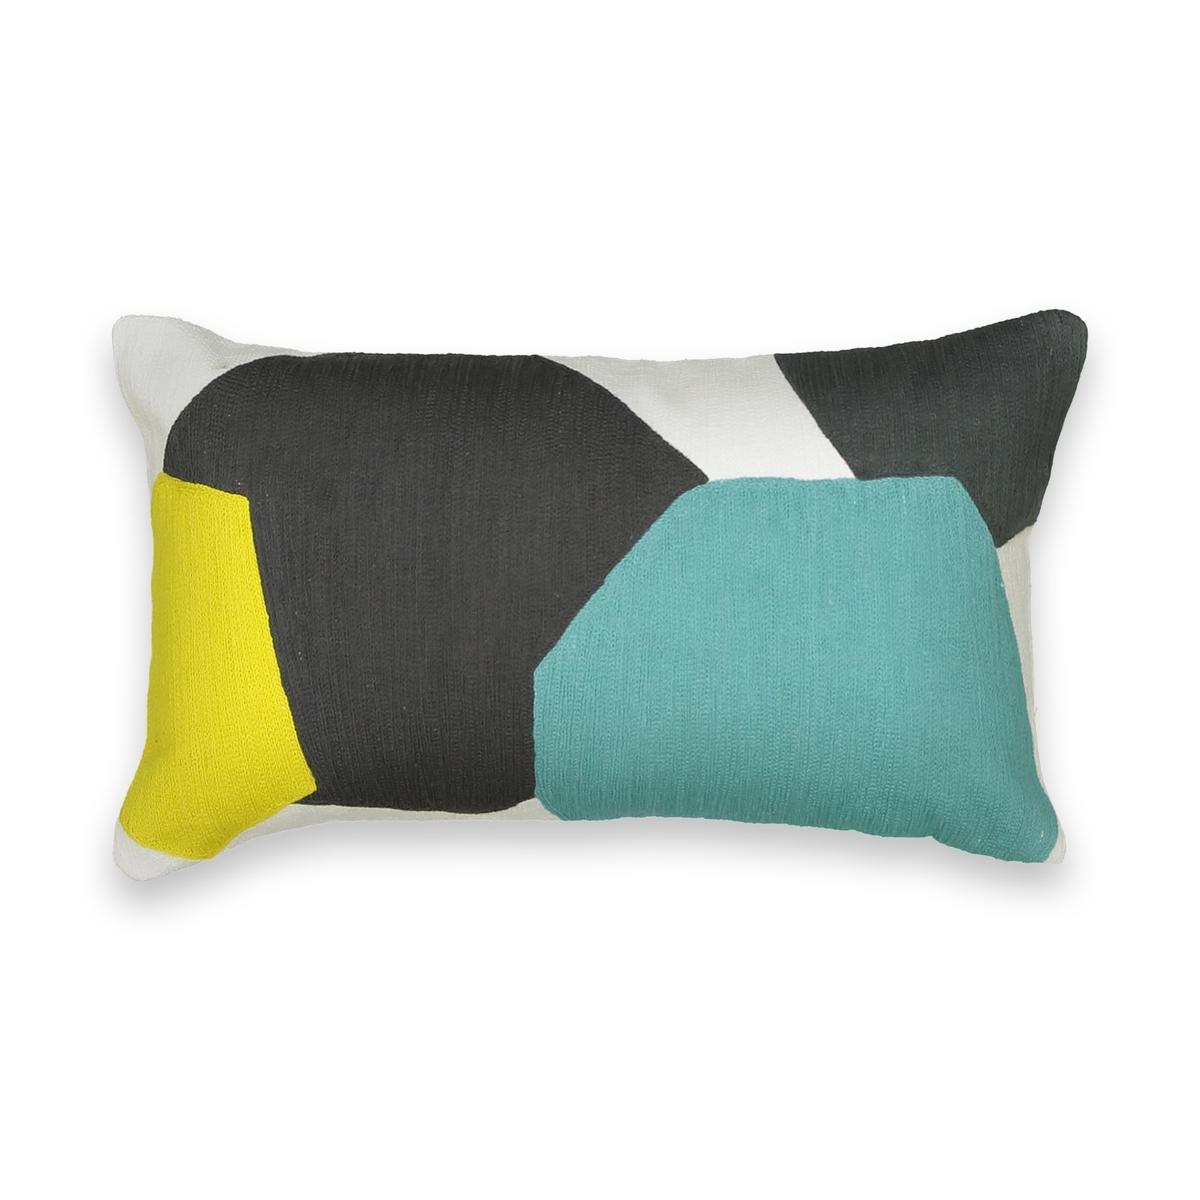 Наволочка с вышивкойОписание:Наволочка   Stinkal .   Графический рисунок, который украсит ваш диван .  .  100% хлопок .  Стирать при 30°C.  Размеры: 50 x 30 см.    Сочетается с чехлом для подушки Stinkal прямоугольной формы и с подушкой-наполнителем, которые продаются на нашем сайте .<br><br>Цвет: разноцветный